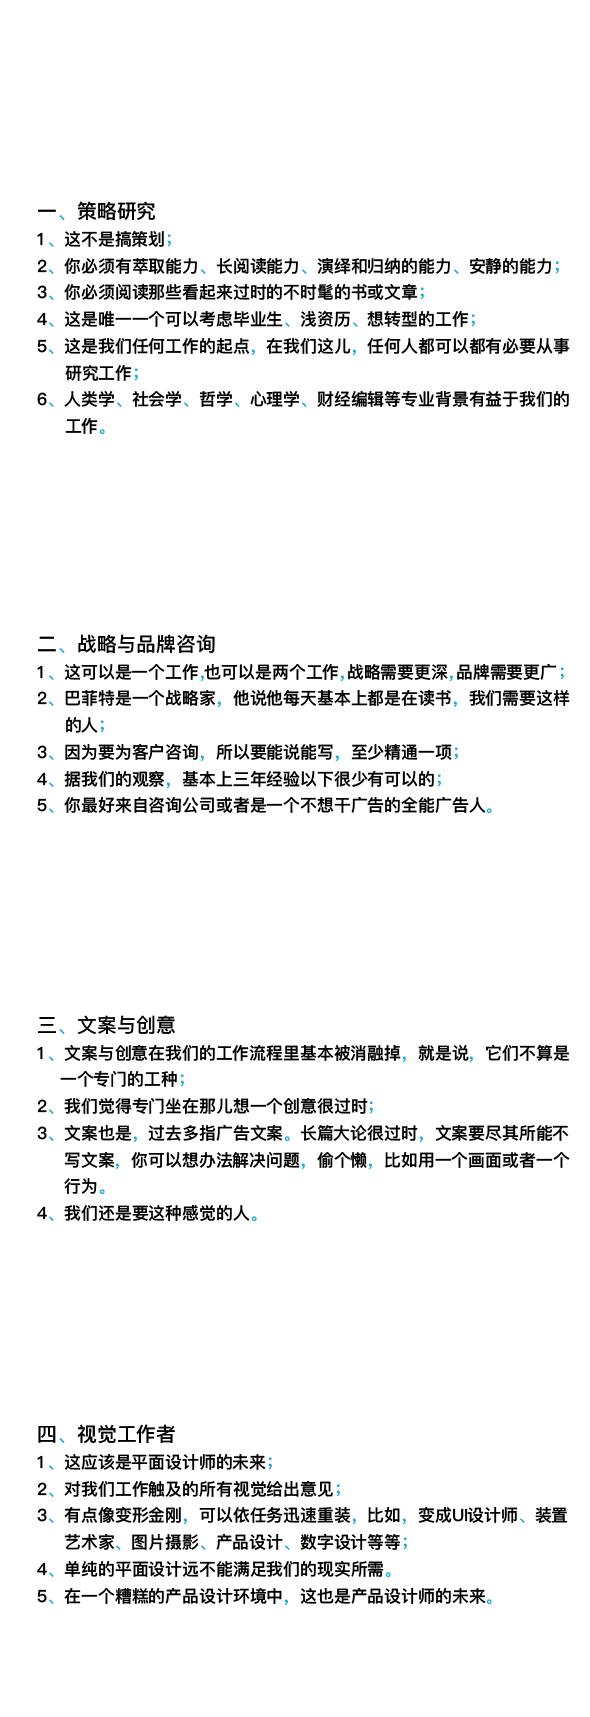 招聘_20191118-11.jpg